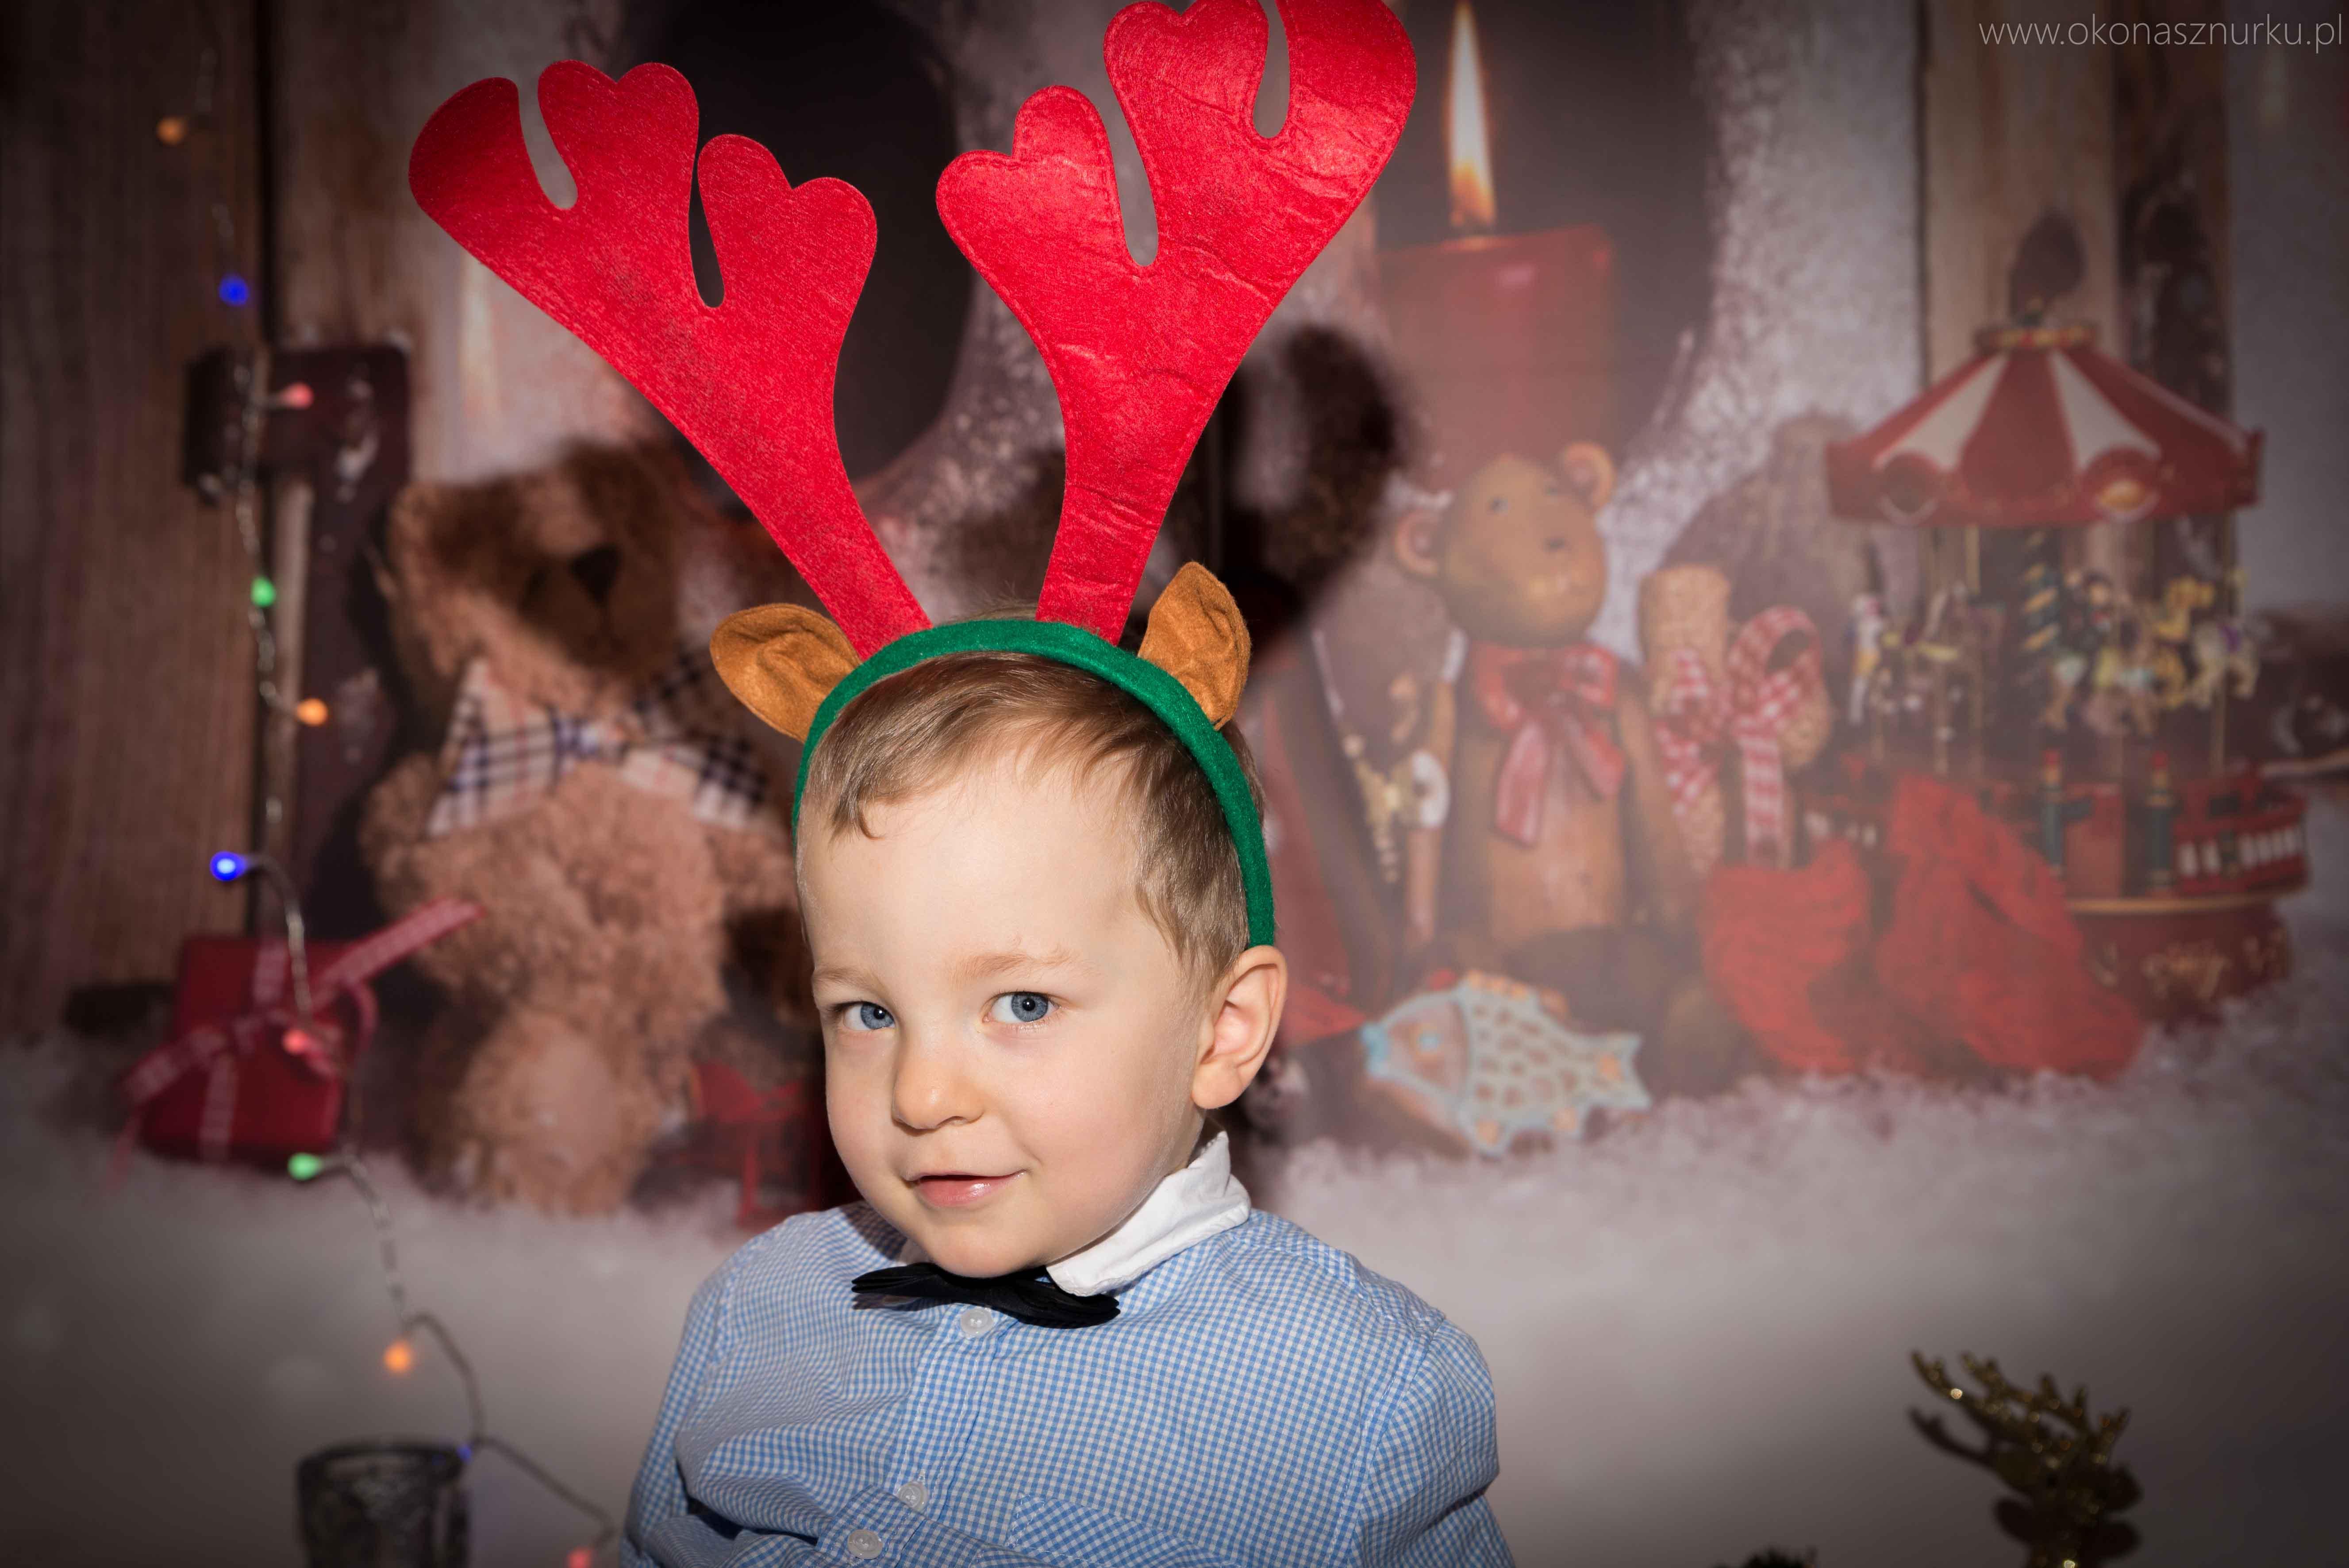 sesja świąteczna fotograficzna dziecka rodziny (2)